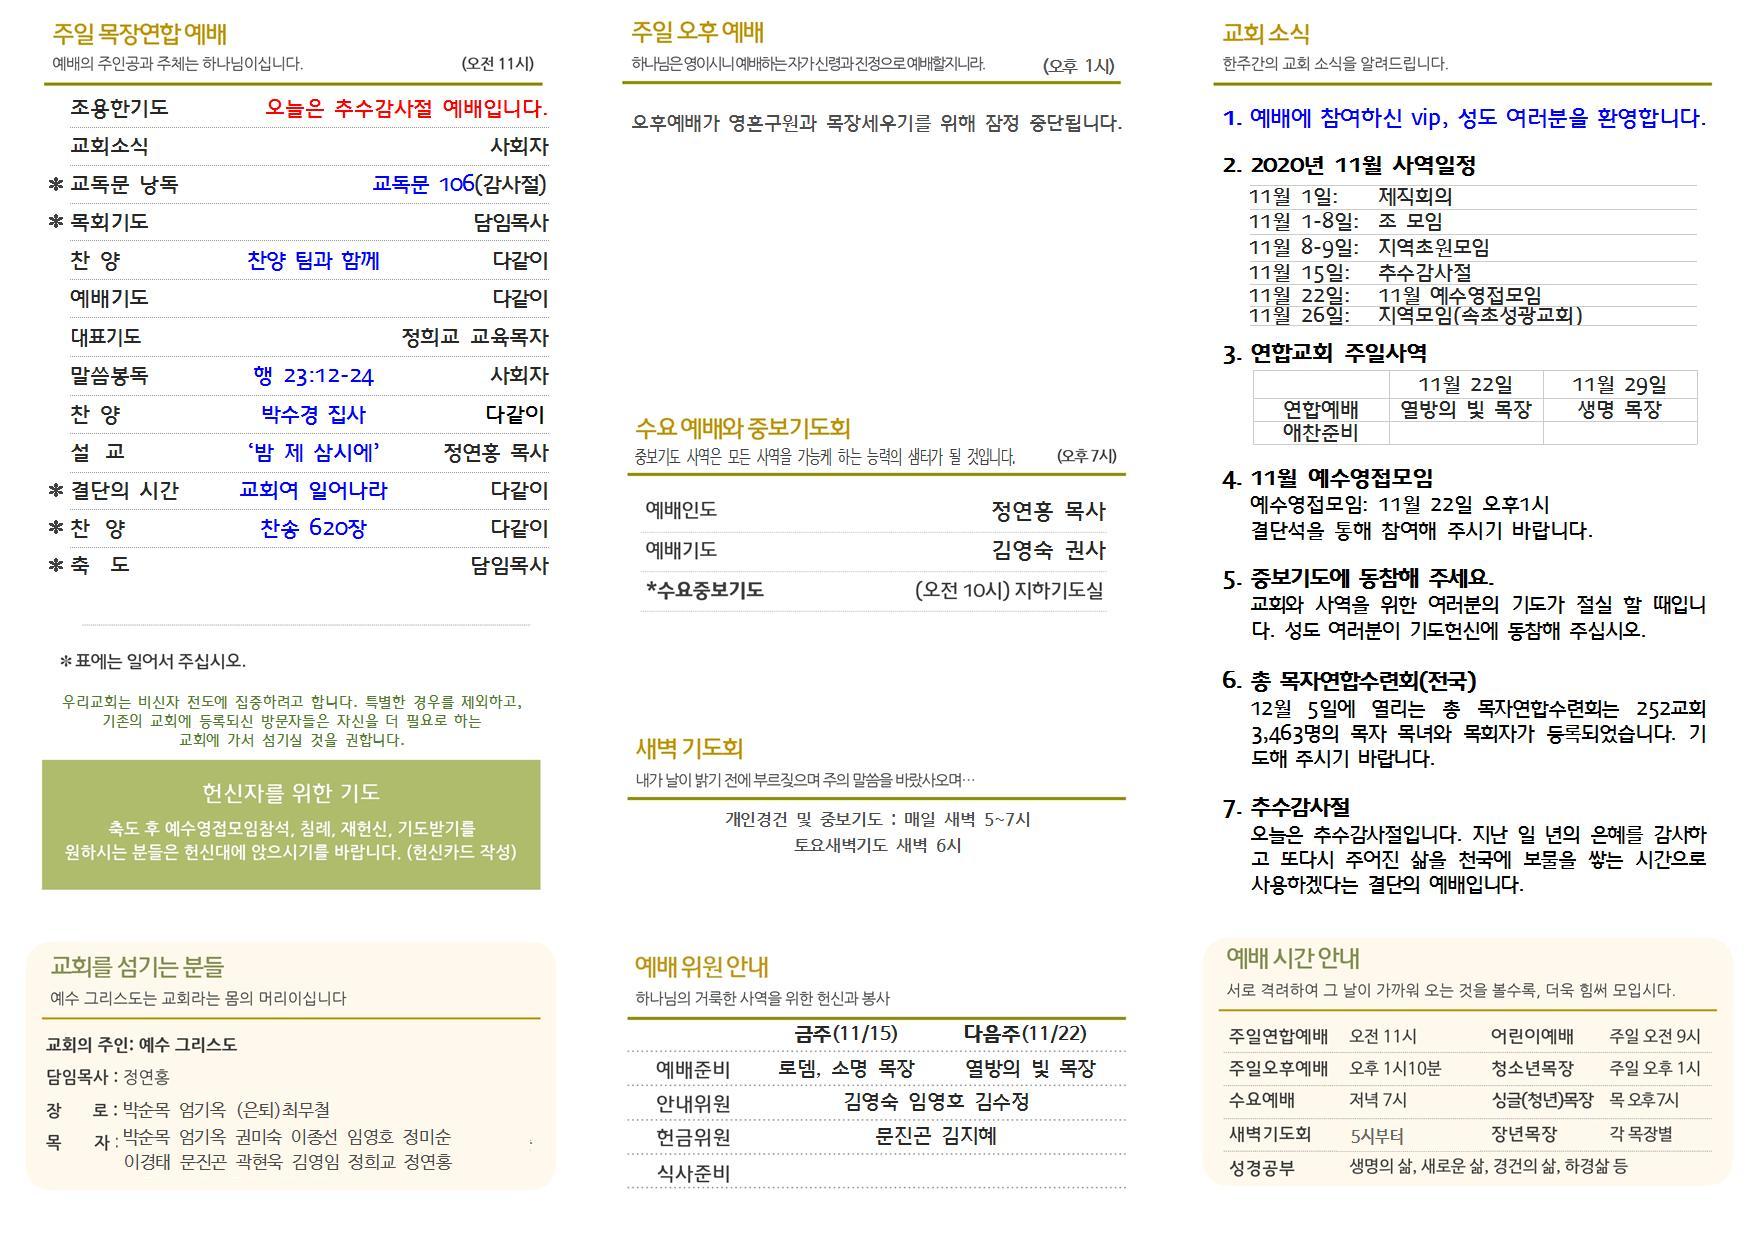 201115-1,2002.jpg